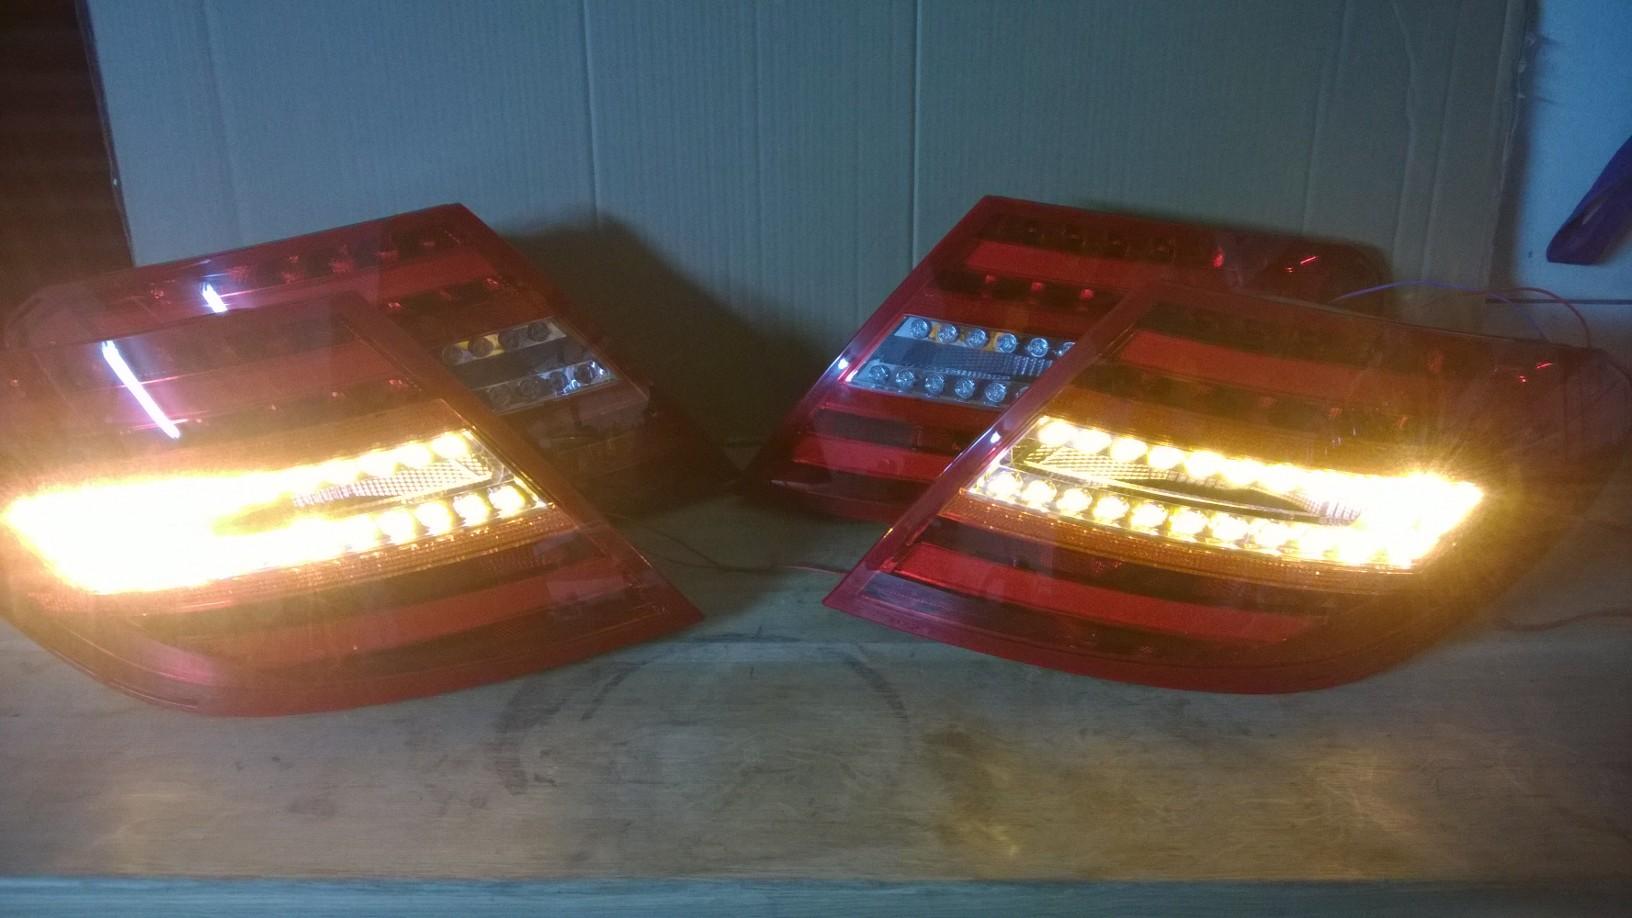 Reparatur von lampen mercedes c klasa w204 reparatur von for Lampen reparatur